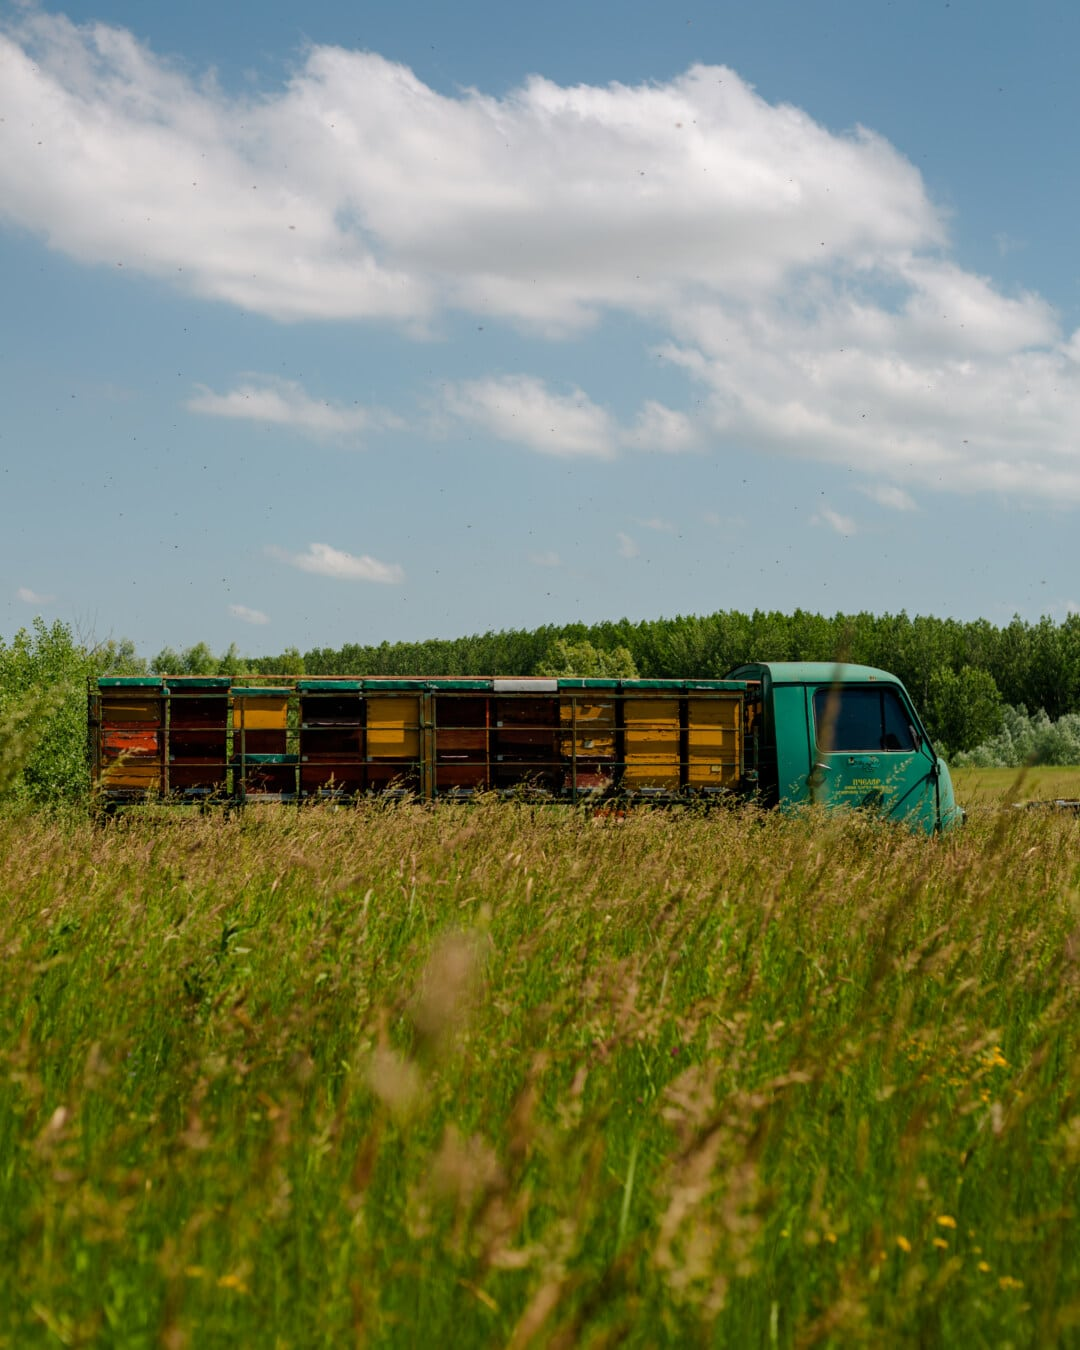 LKW, Bienenstock, Feld, landwirtschaftlich, Fahrzeug, des ländlichen Raums, Sommer, Gras, Natur, Biene